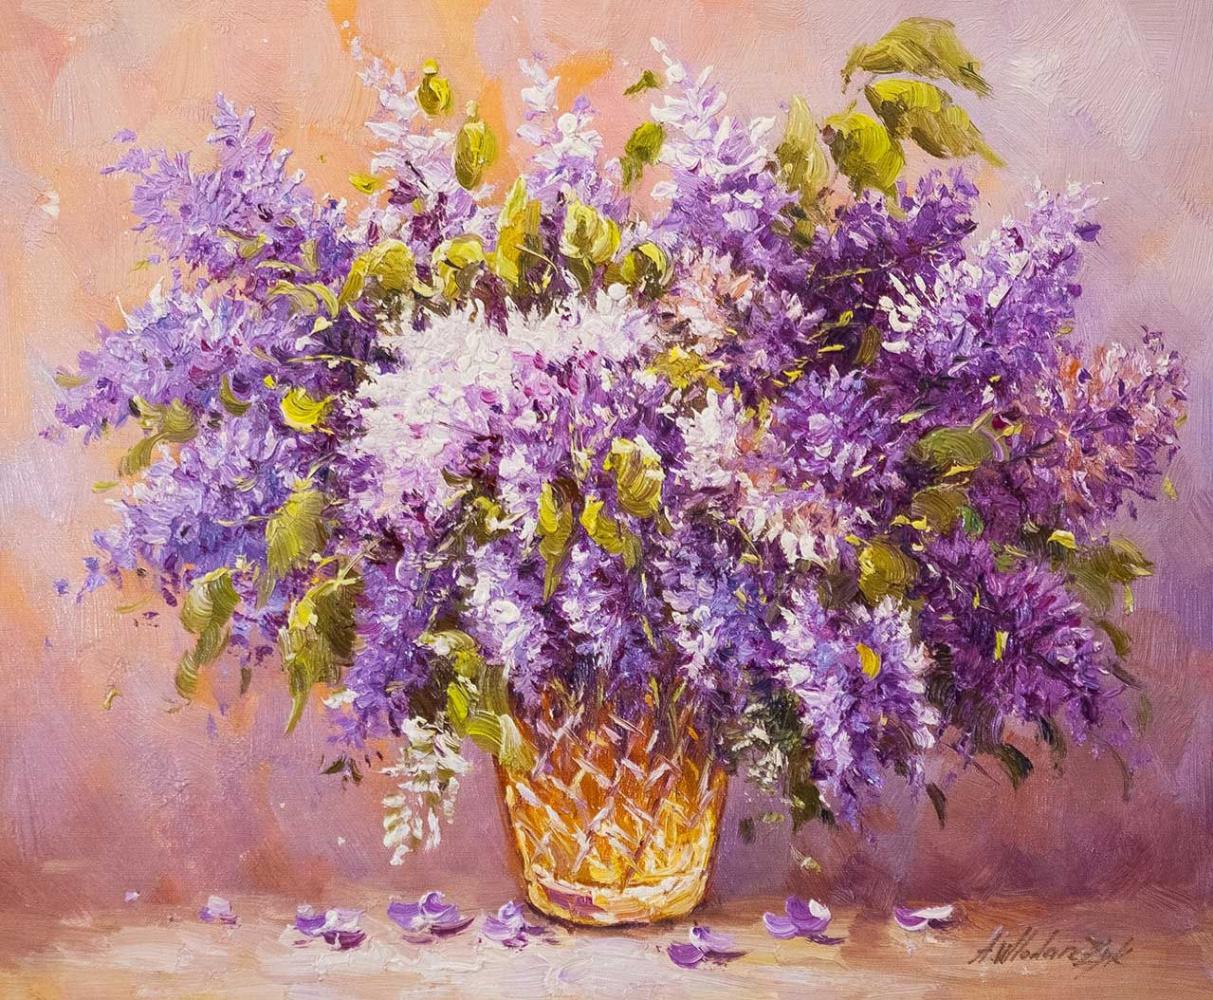 Andrzej Vlodarczyk. A bouquet of lilac